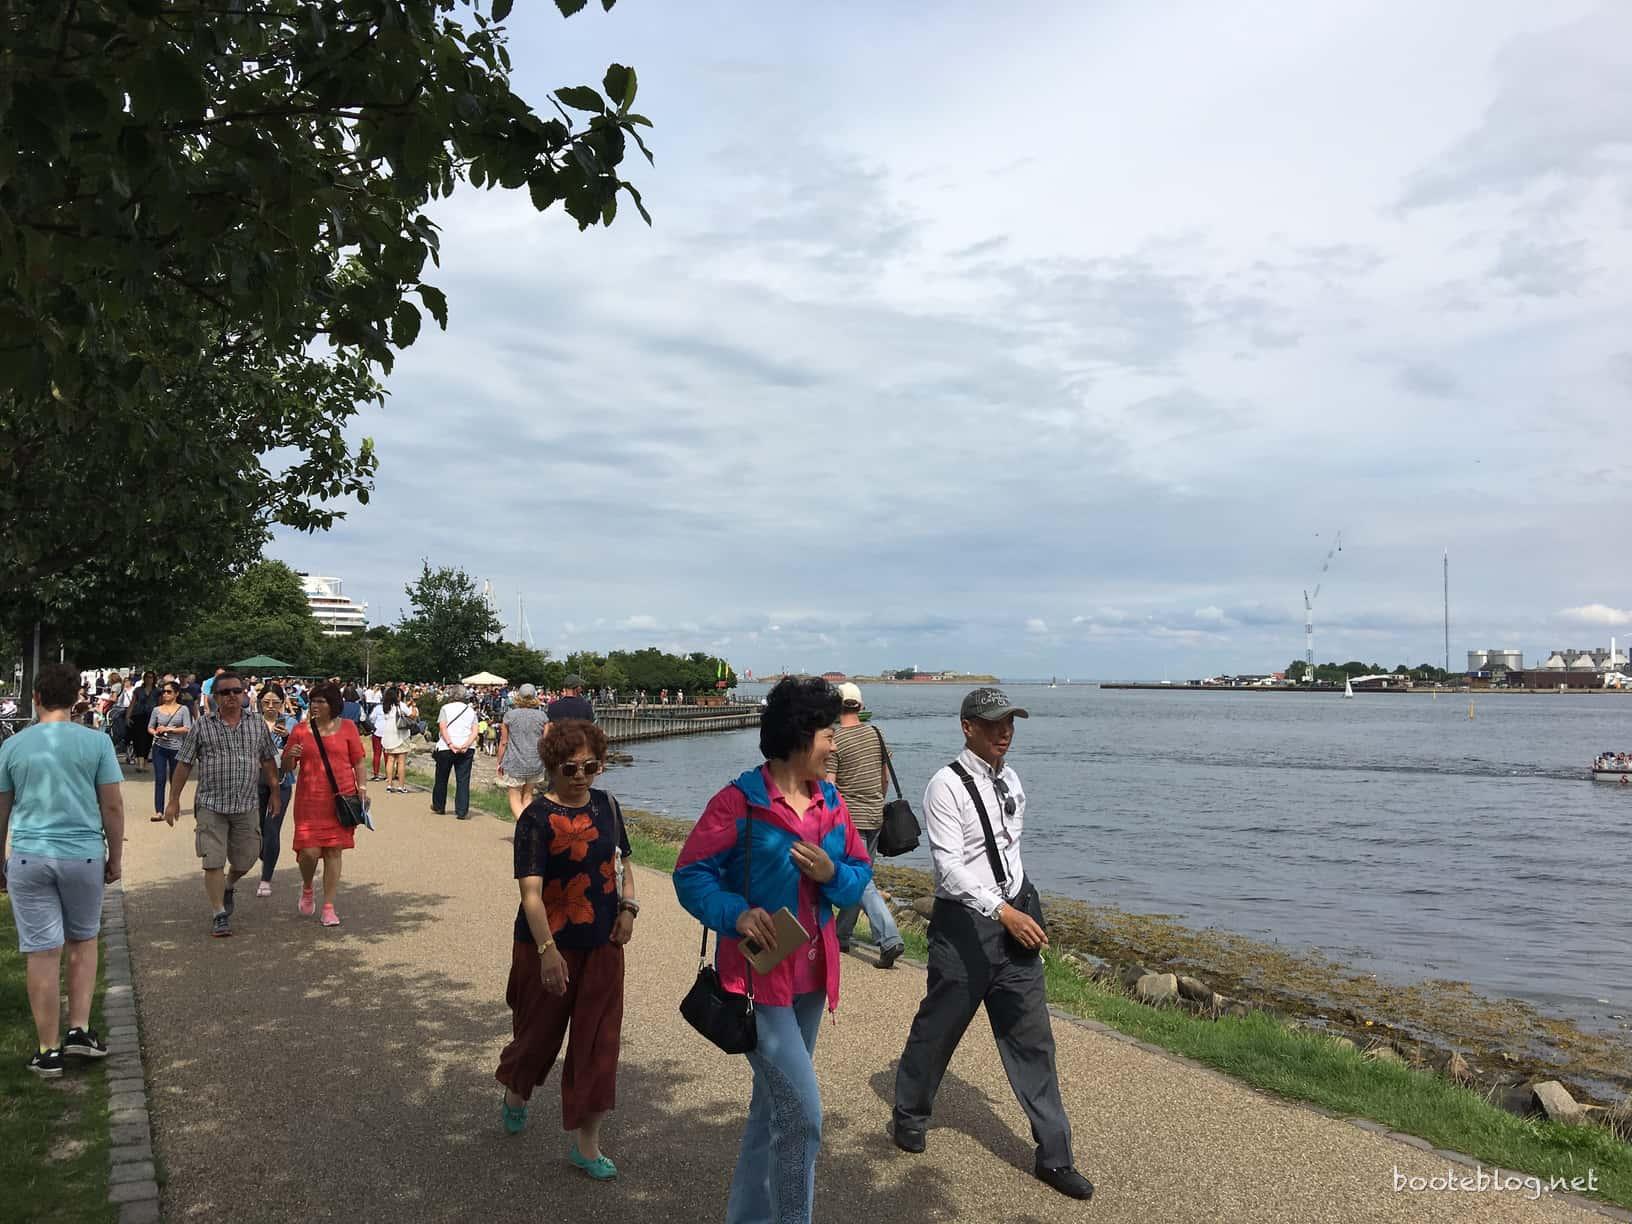 """Unter den Touristen sind auffallend viele Asiaten. Kopenhagen scheint ein """"Must See"""" auf asiatischen Europa-Touren zu sein."""